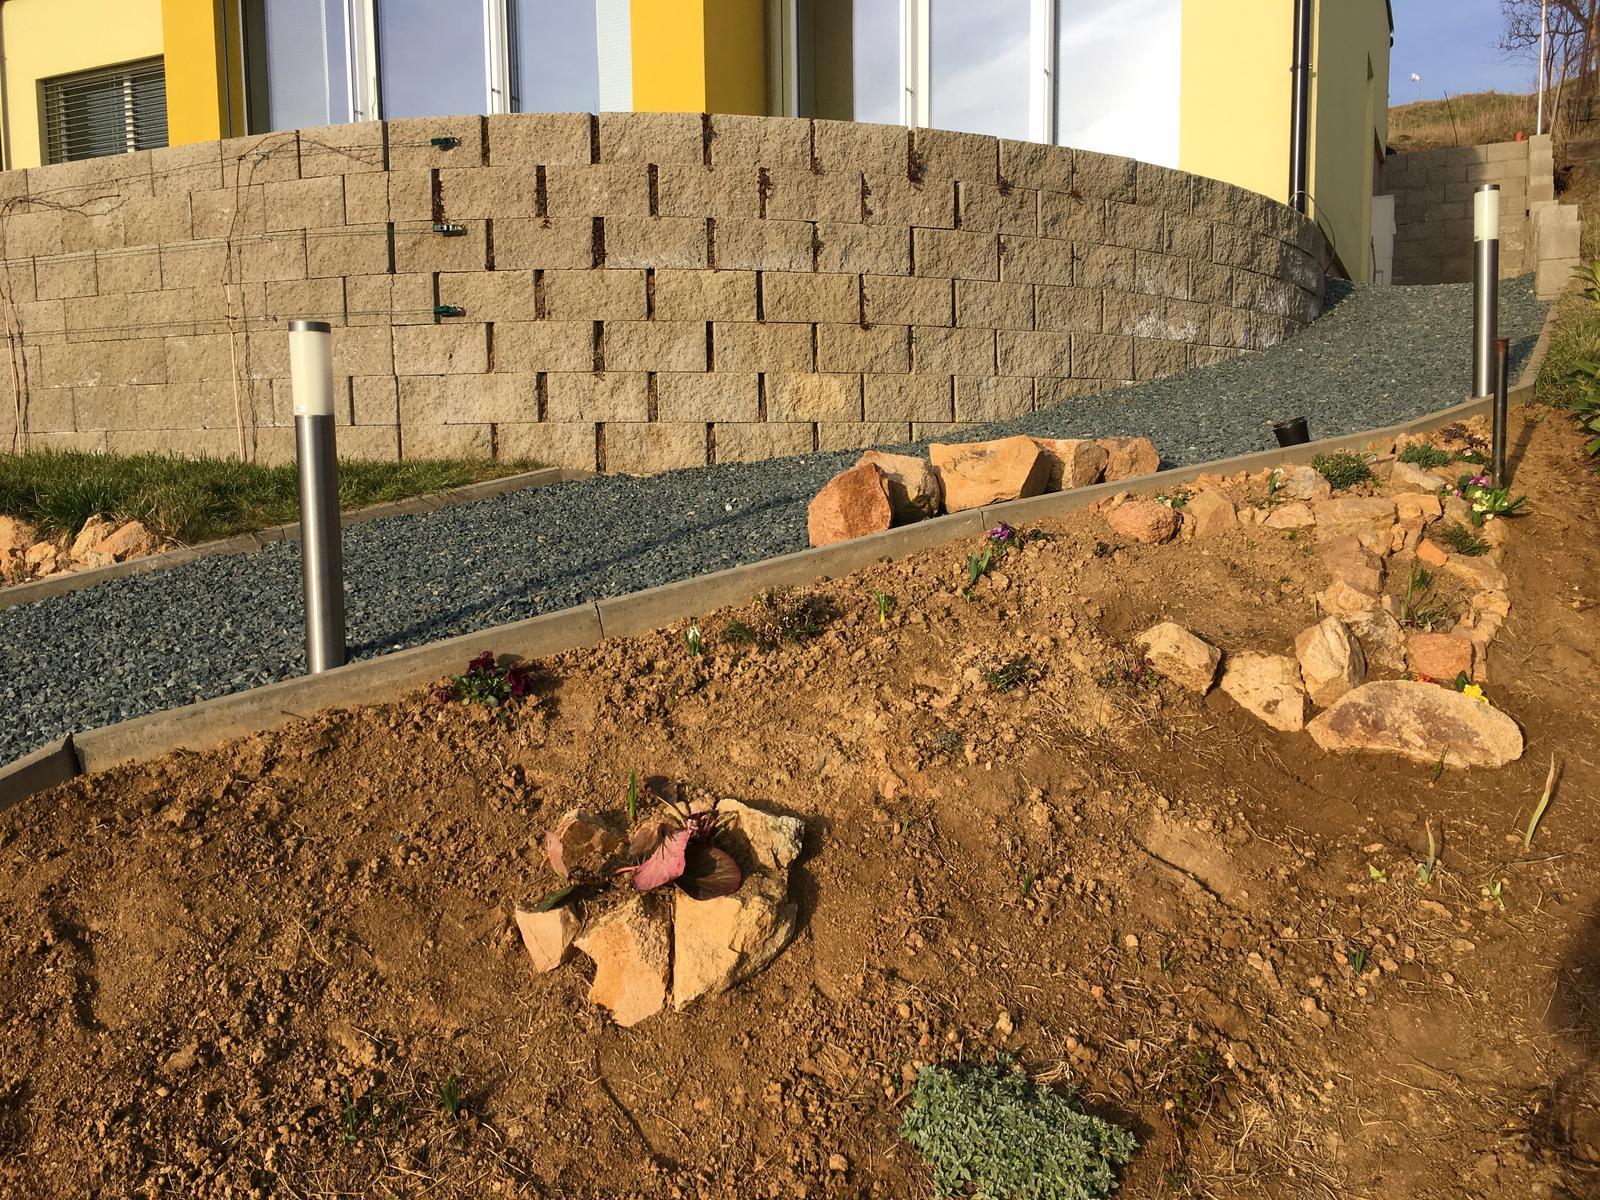 Skřítčí zahrada 2015 - 2020 - Březen 2019 - na podzim jsem zasázela květiny, jenže jsem k nim nedala kolíčky (ale vím, že jsem mezi rostlinami nechala mezery), no, zahradnice amatérka, tak teď čekám, co kde vyraší, a pak obskládám kameny